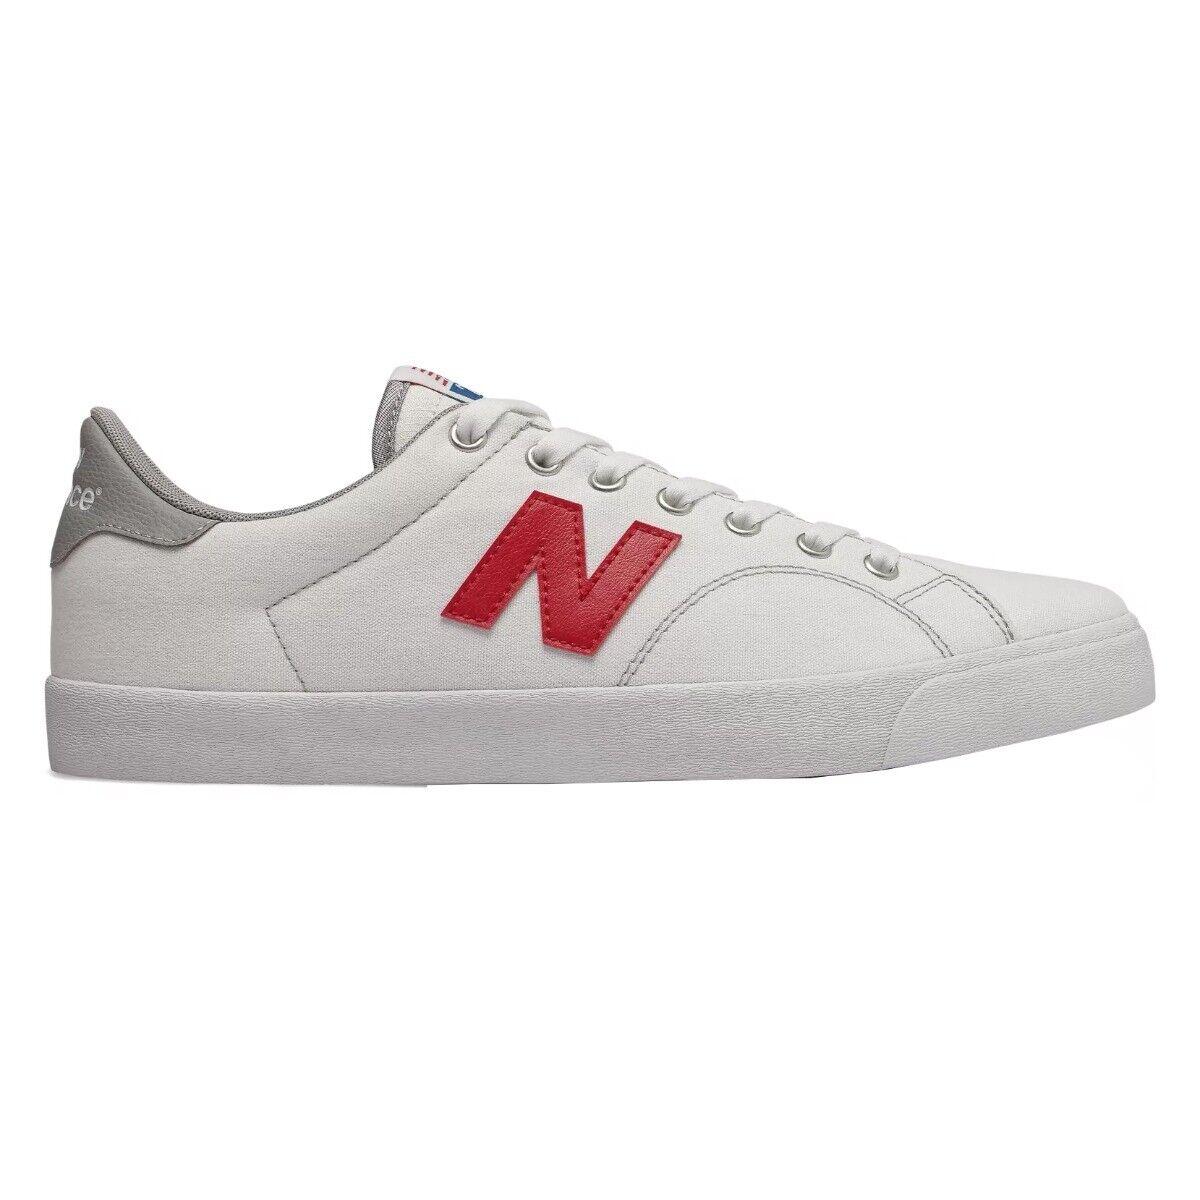 New New New Balance Neue Herren 210 Alle Coasts Schuhe Weiß Rot Neu mit Etikett 4d0671